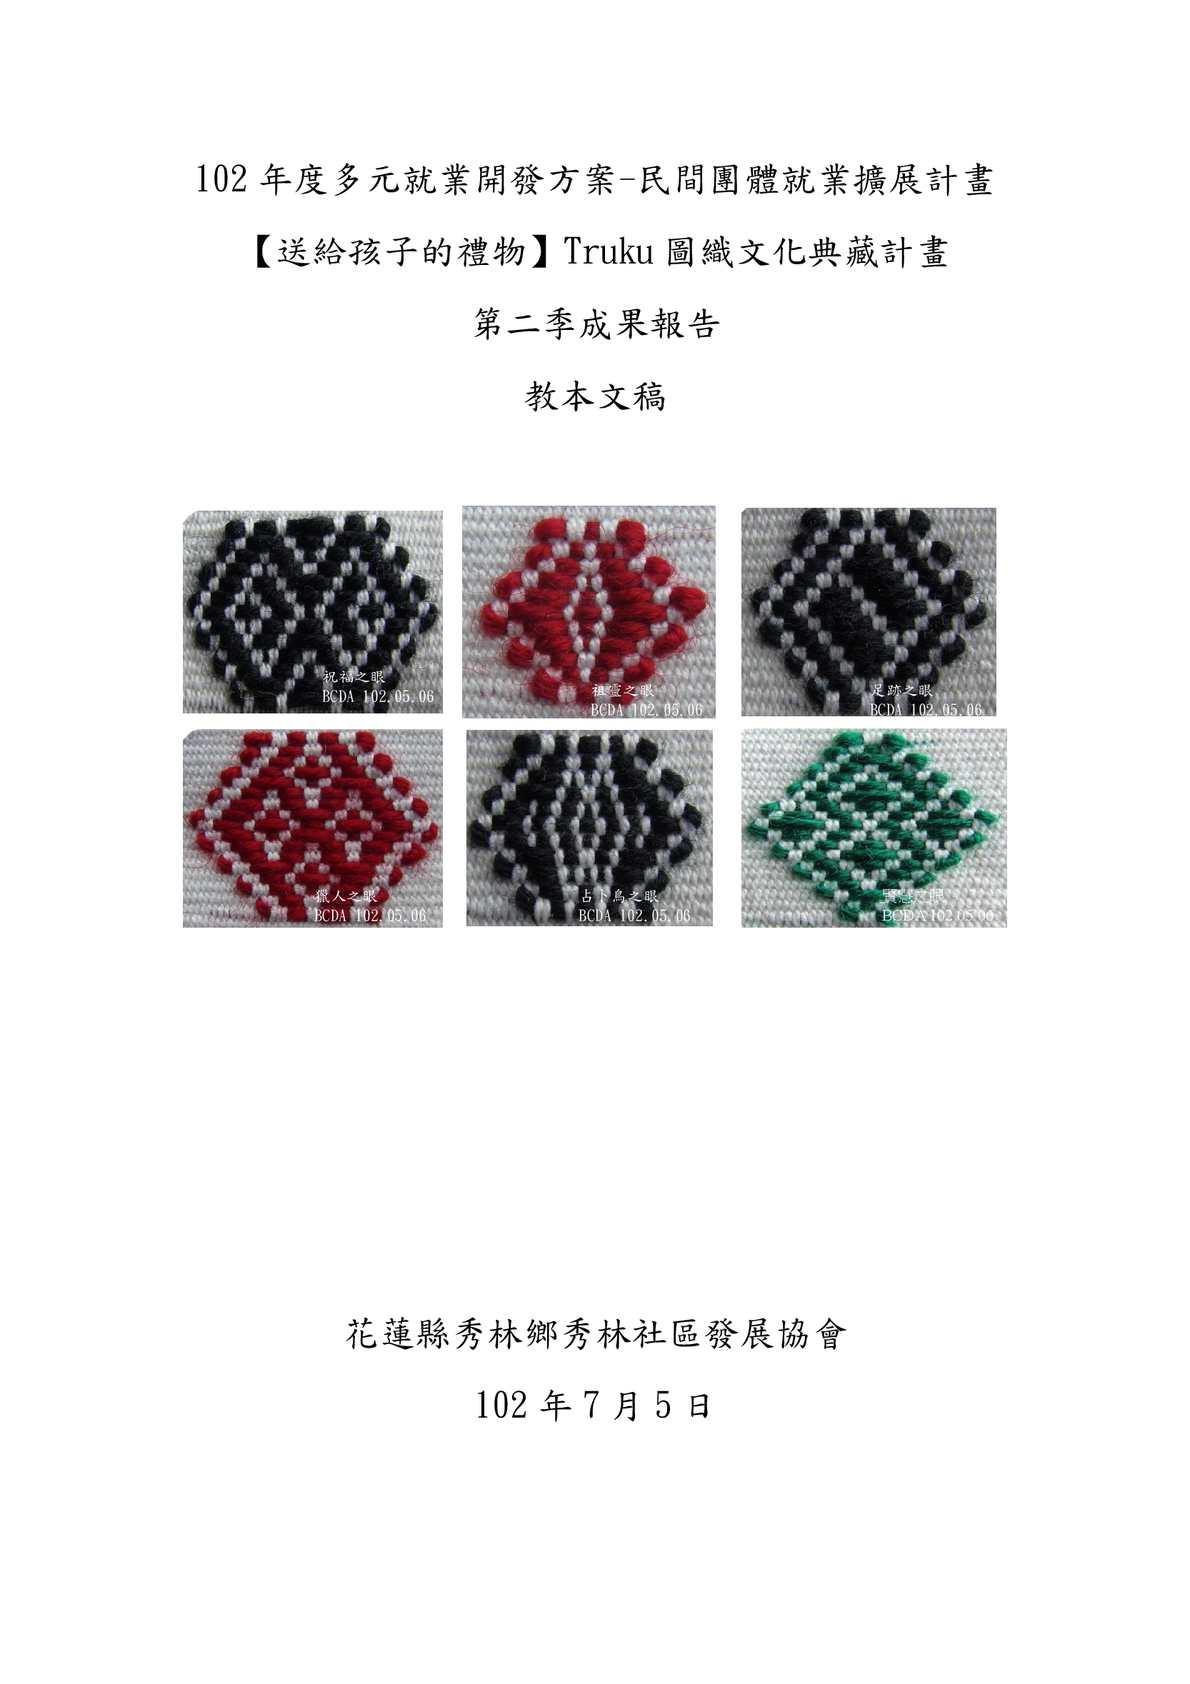 太魯閣族傳統織布---挑織